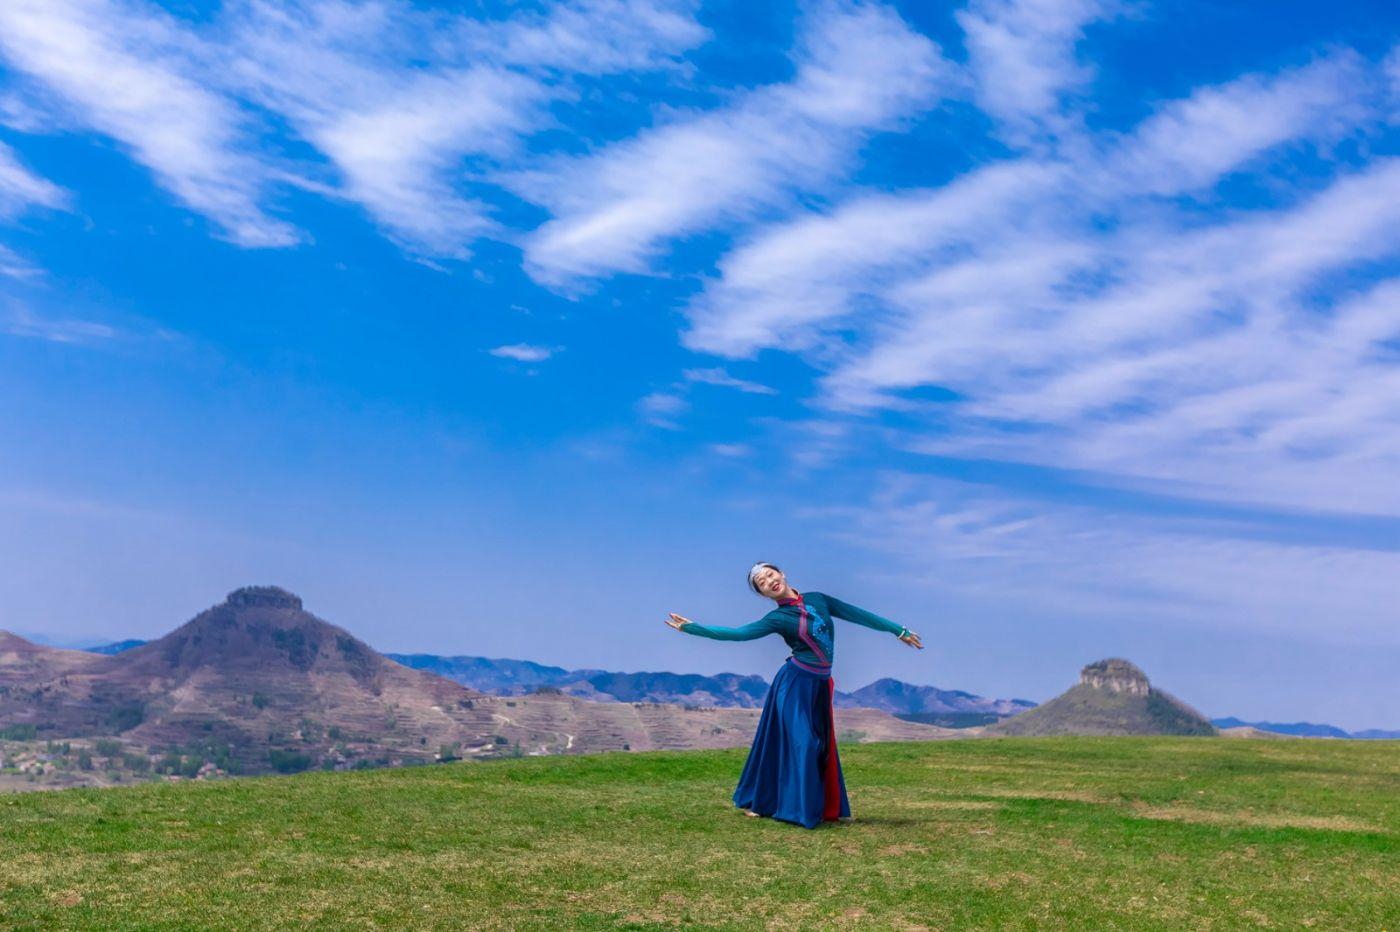 崮上草原有位女孩在翩翩起舞 她要和你邂逅在崮上花开的季节 ..._图1-22